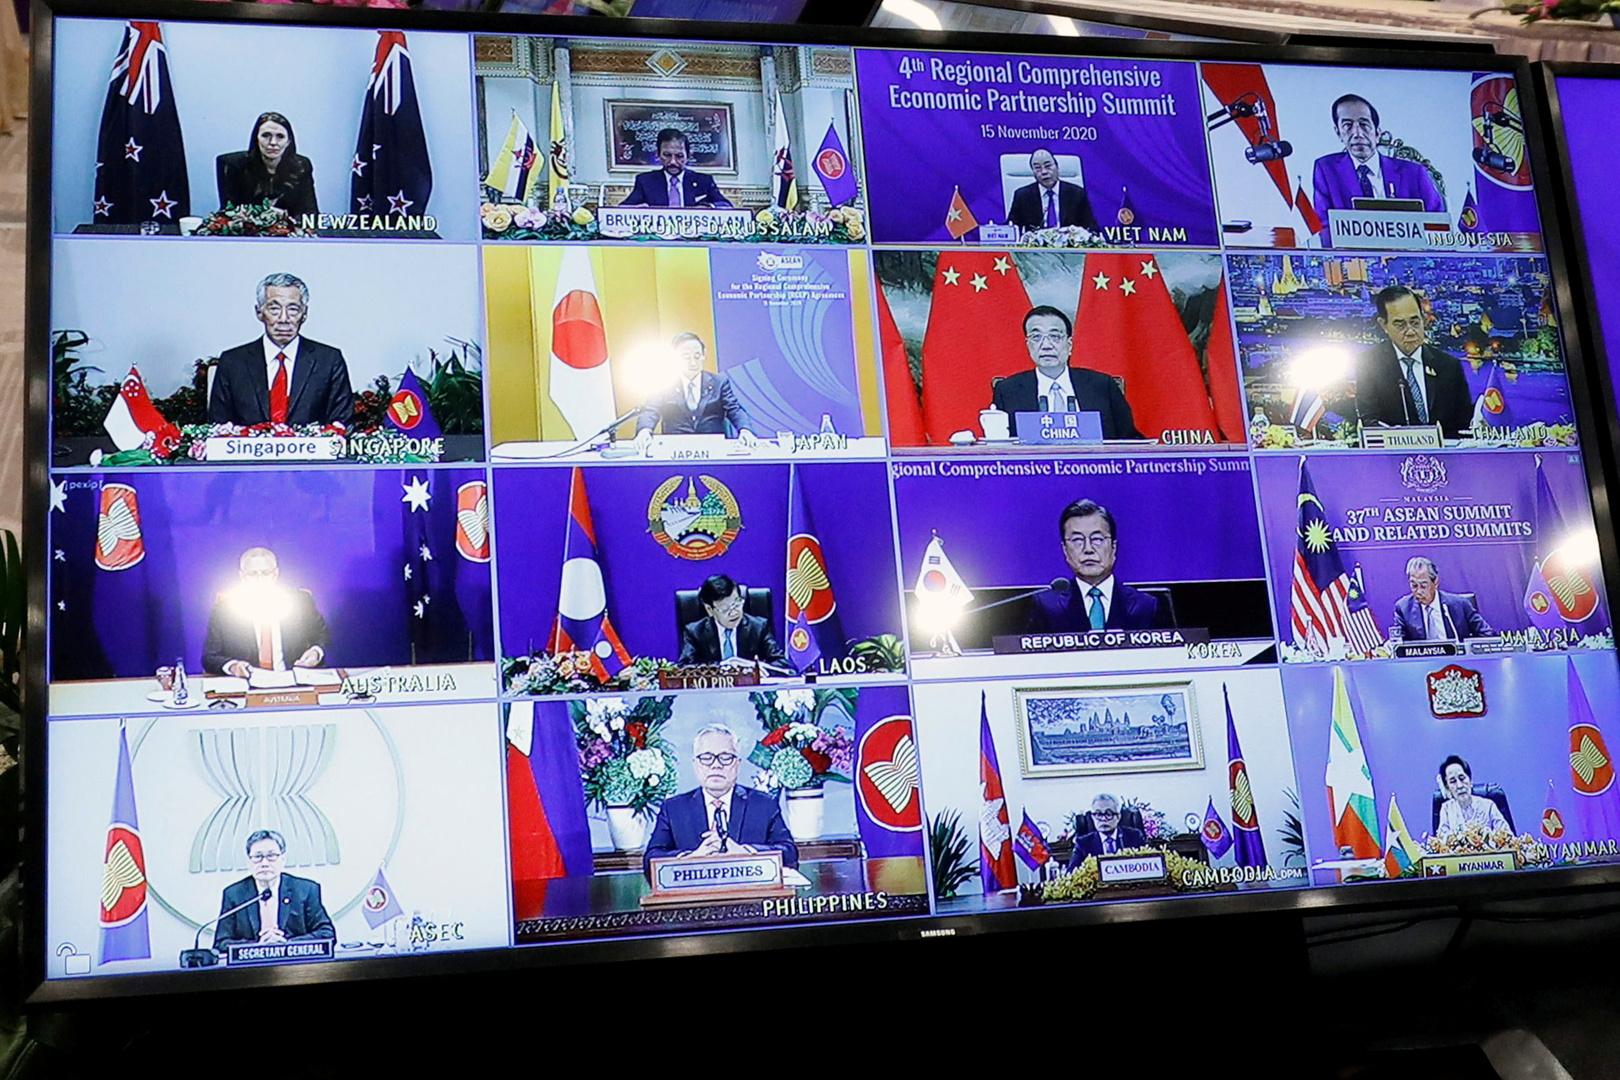 قادة الآسيان يظهرون على شاشة أثناء حضورهم قمة في هانوي، فيتنام، 15 نوفمبر 2020